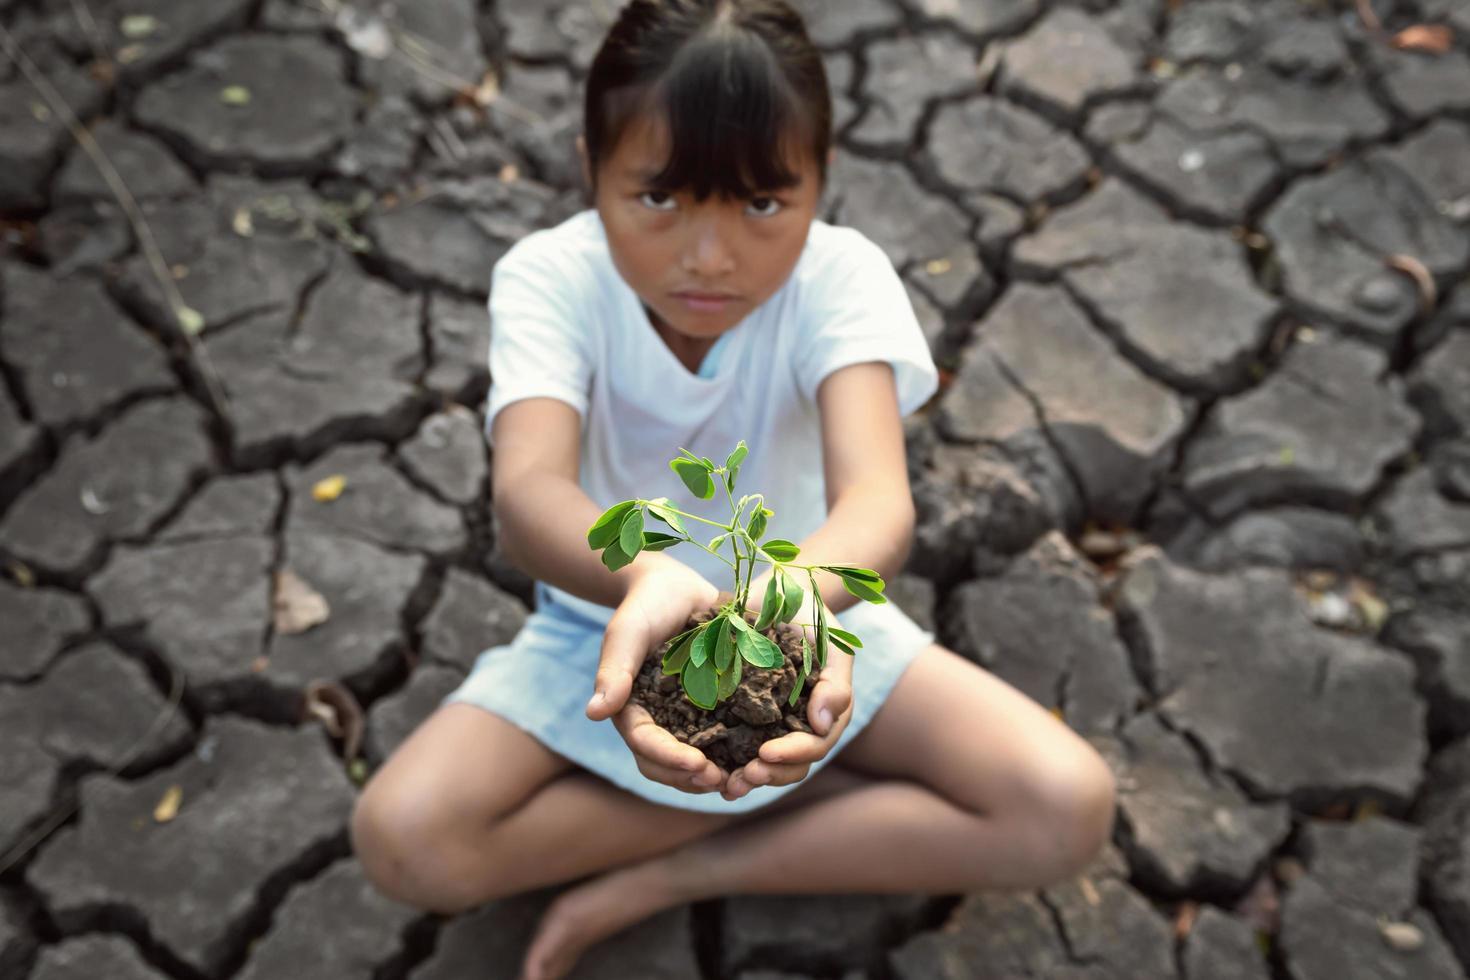 niño sentado en el suelo sosteniendo una planta joven foto